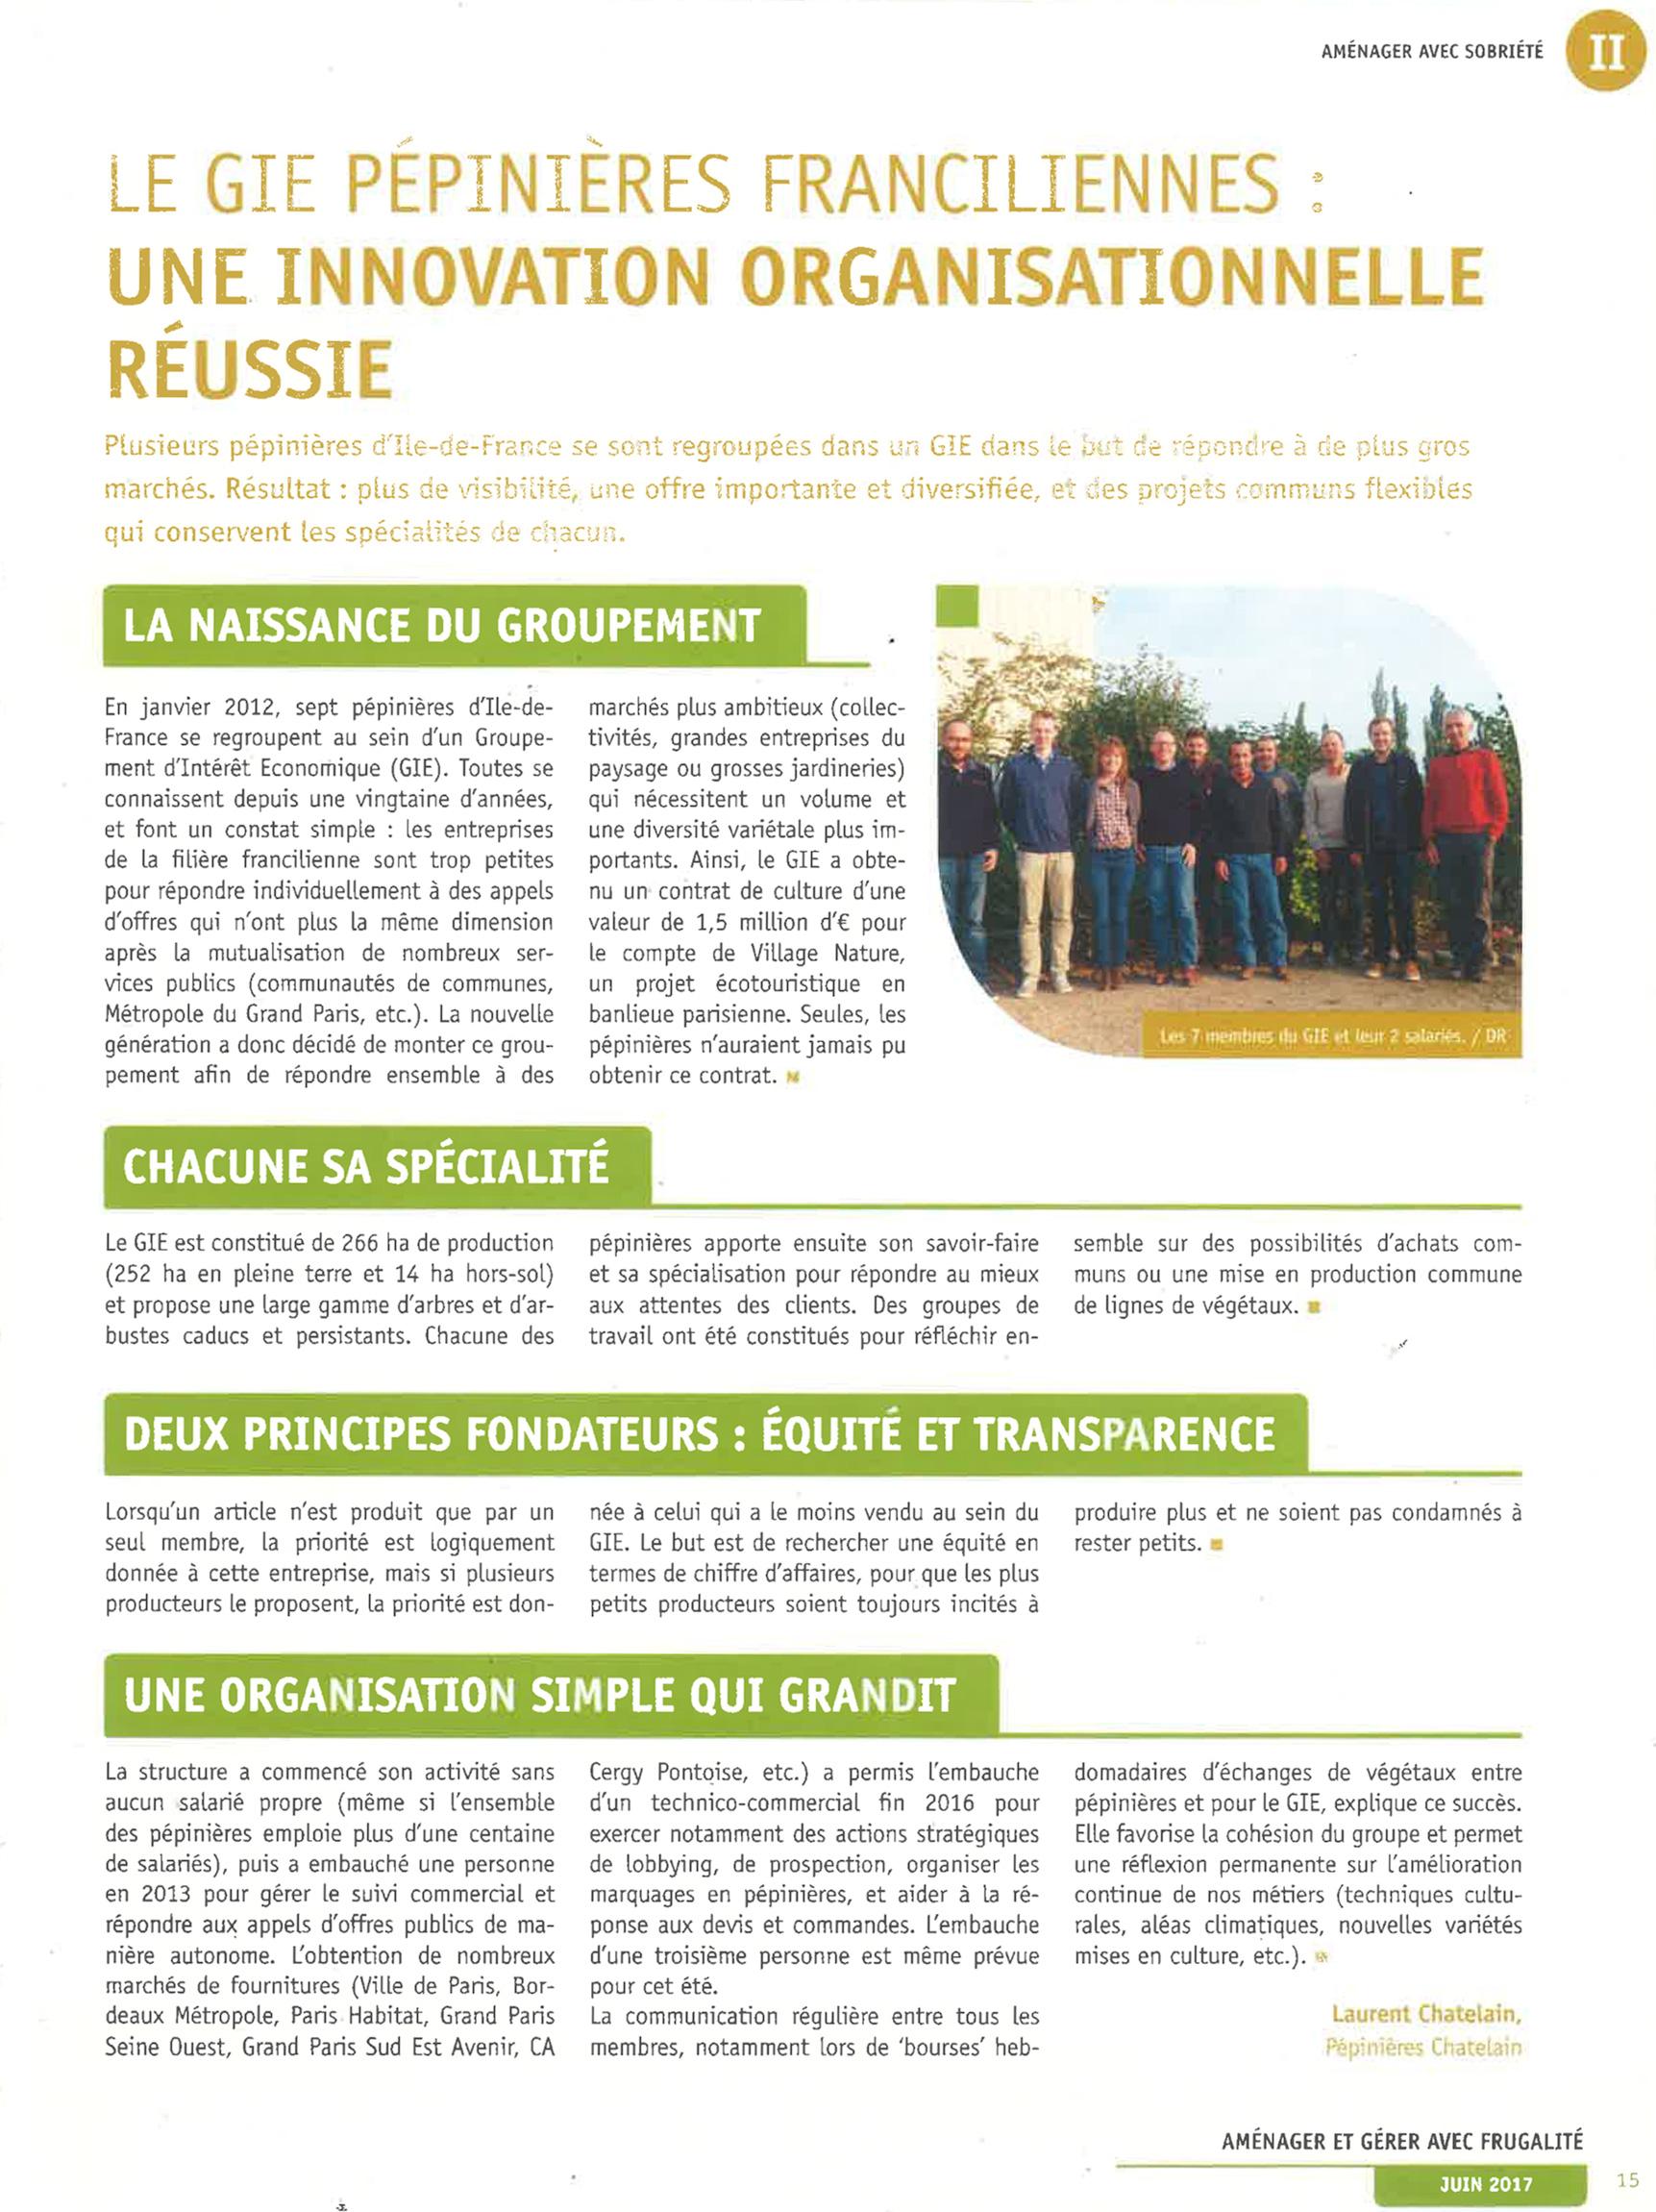 Le GIE Pépinières Franciliennes : Une innovation organisationnelle réussie